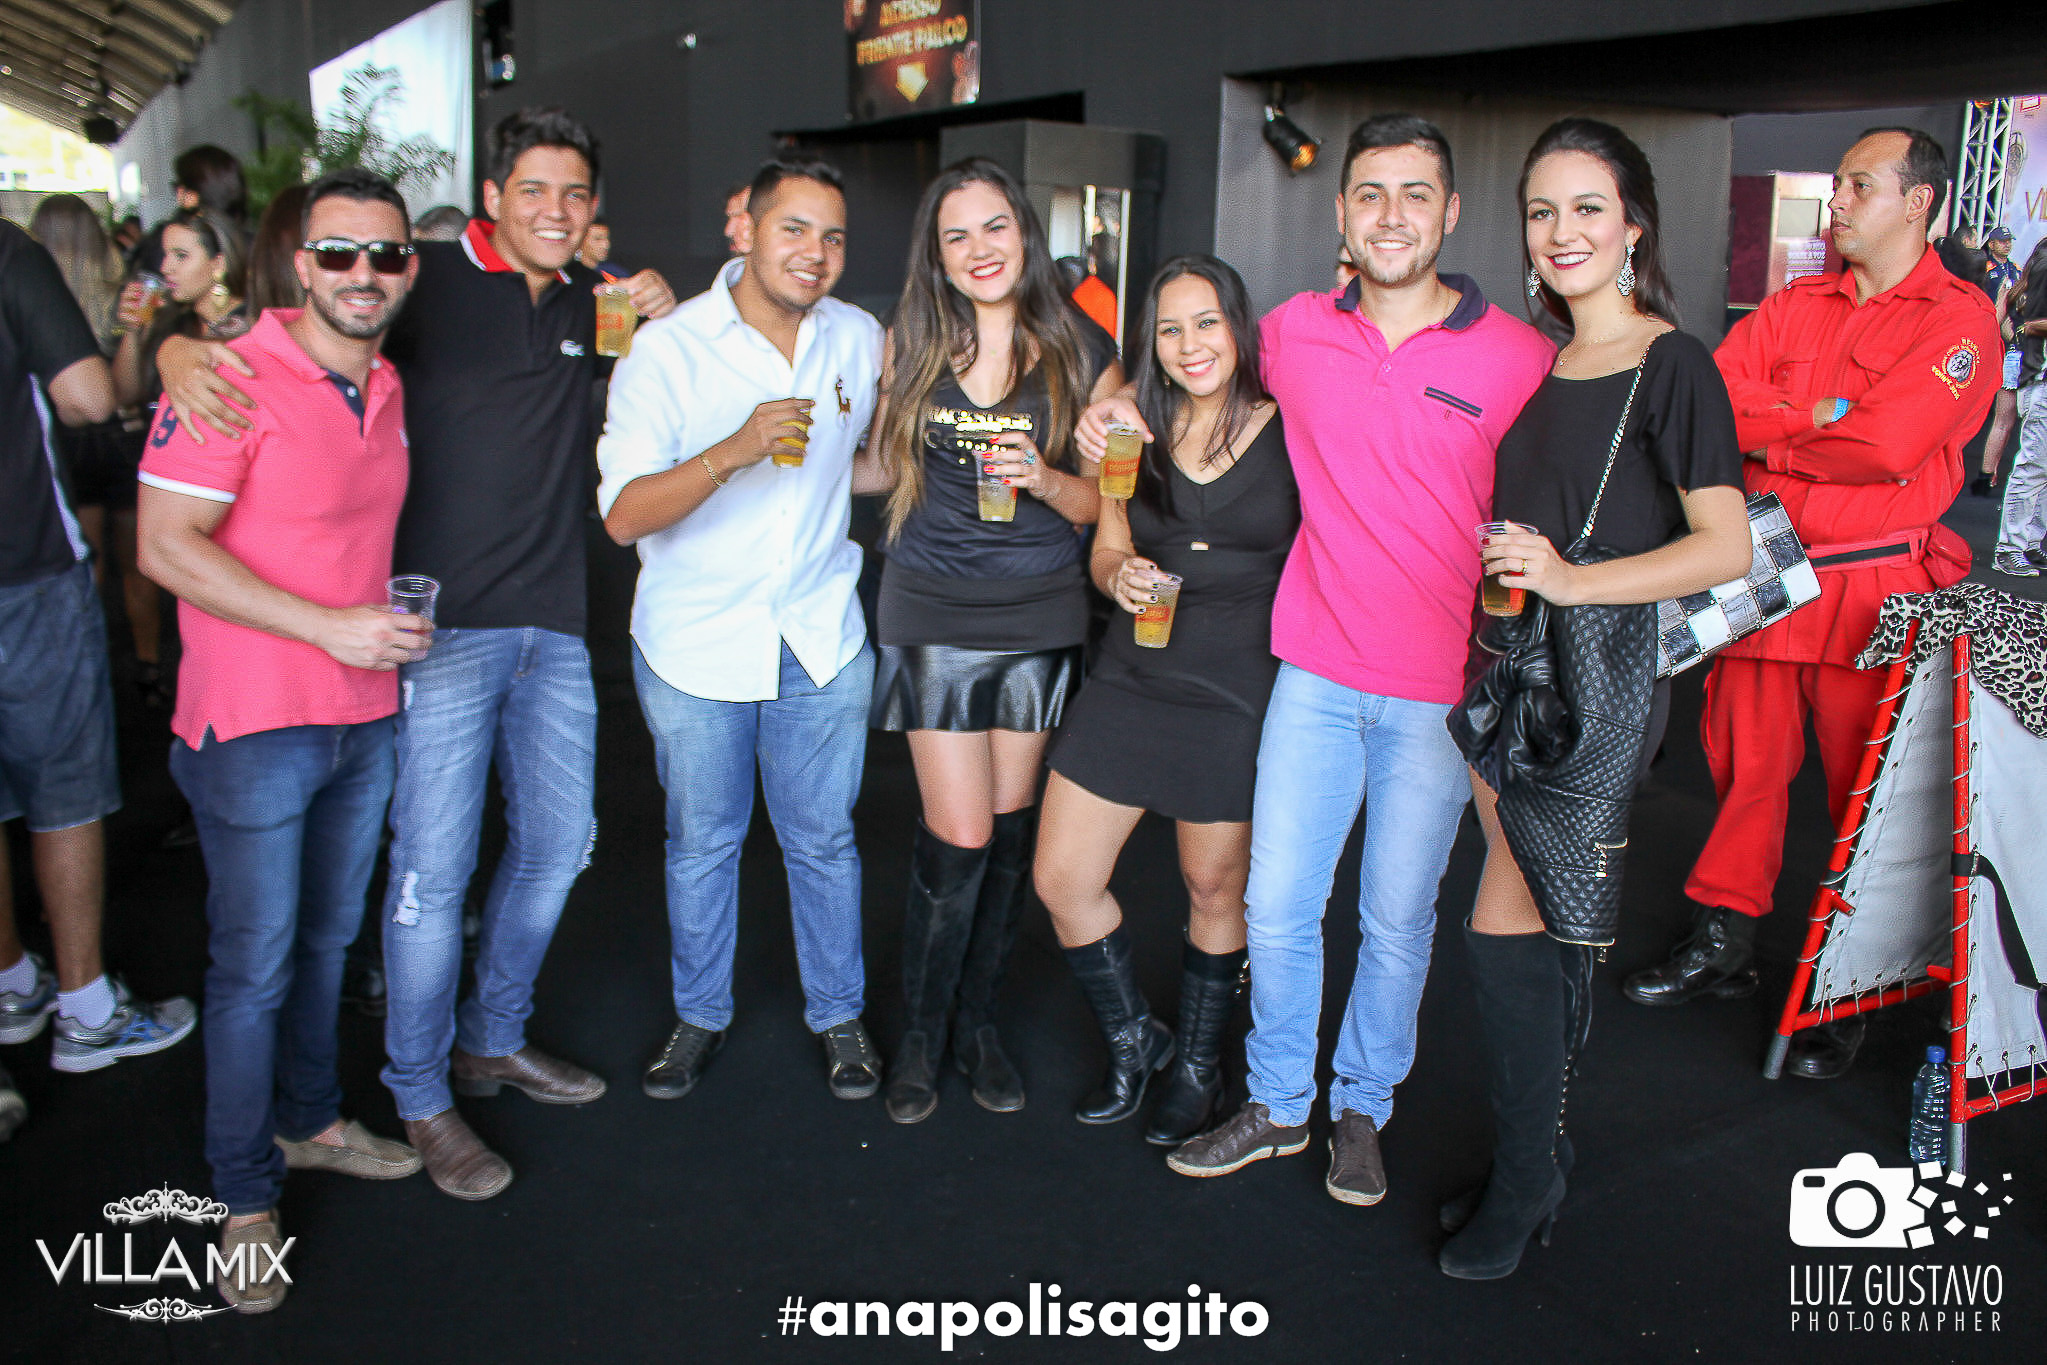 Luiz Gustavo Photographer (20 de 327)